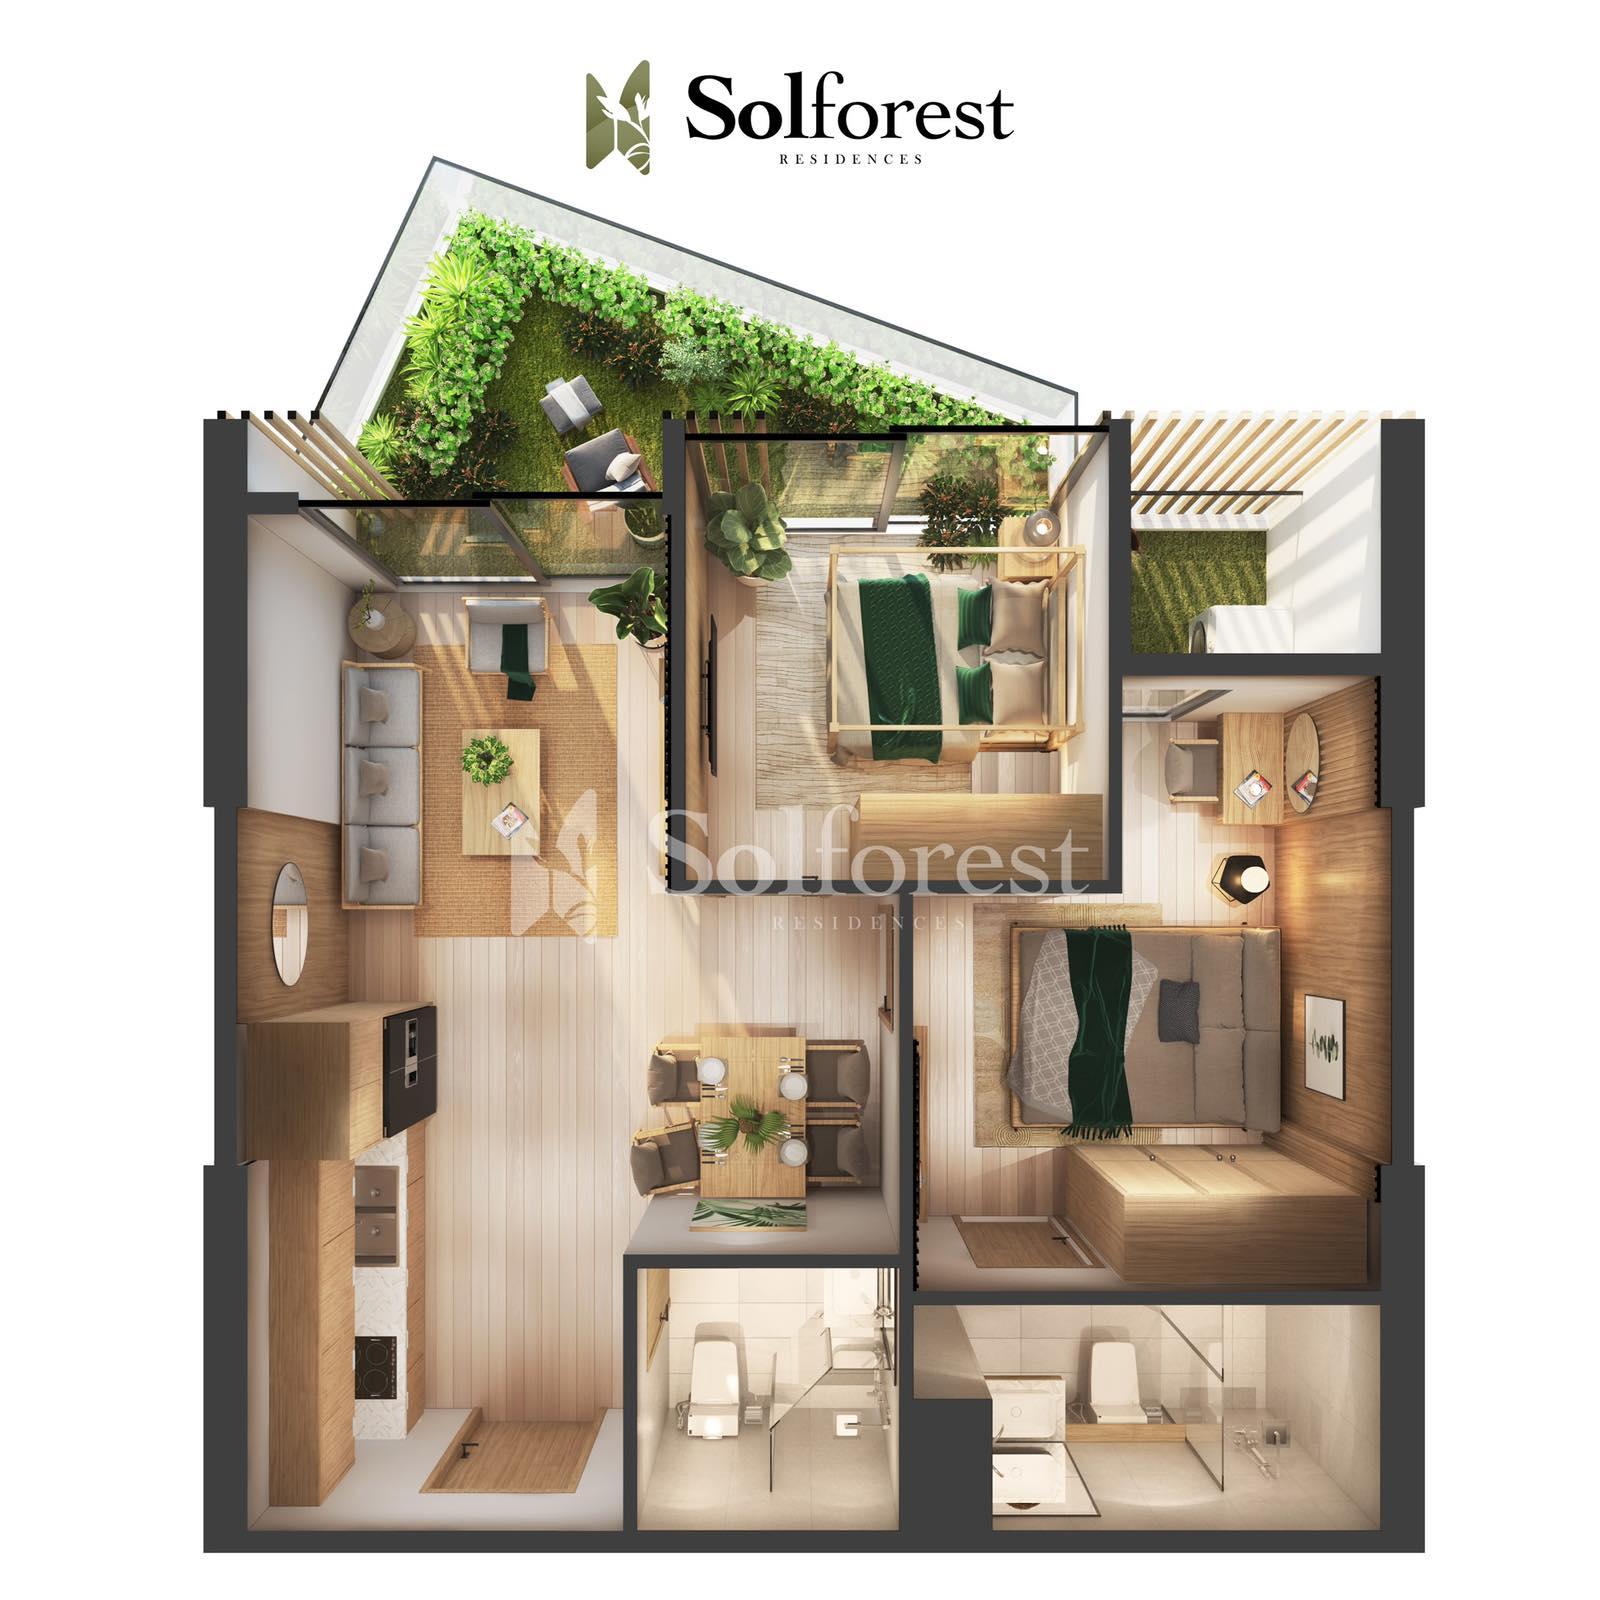 Căn Hộ Sân Vườn 2 Phòng Ngủ Solforest Ecopark 03